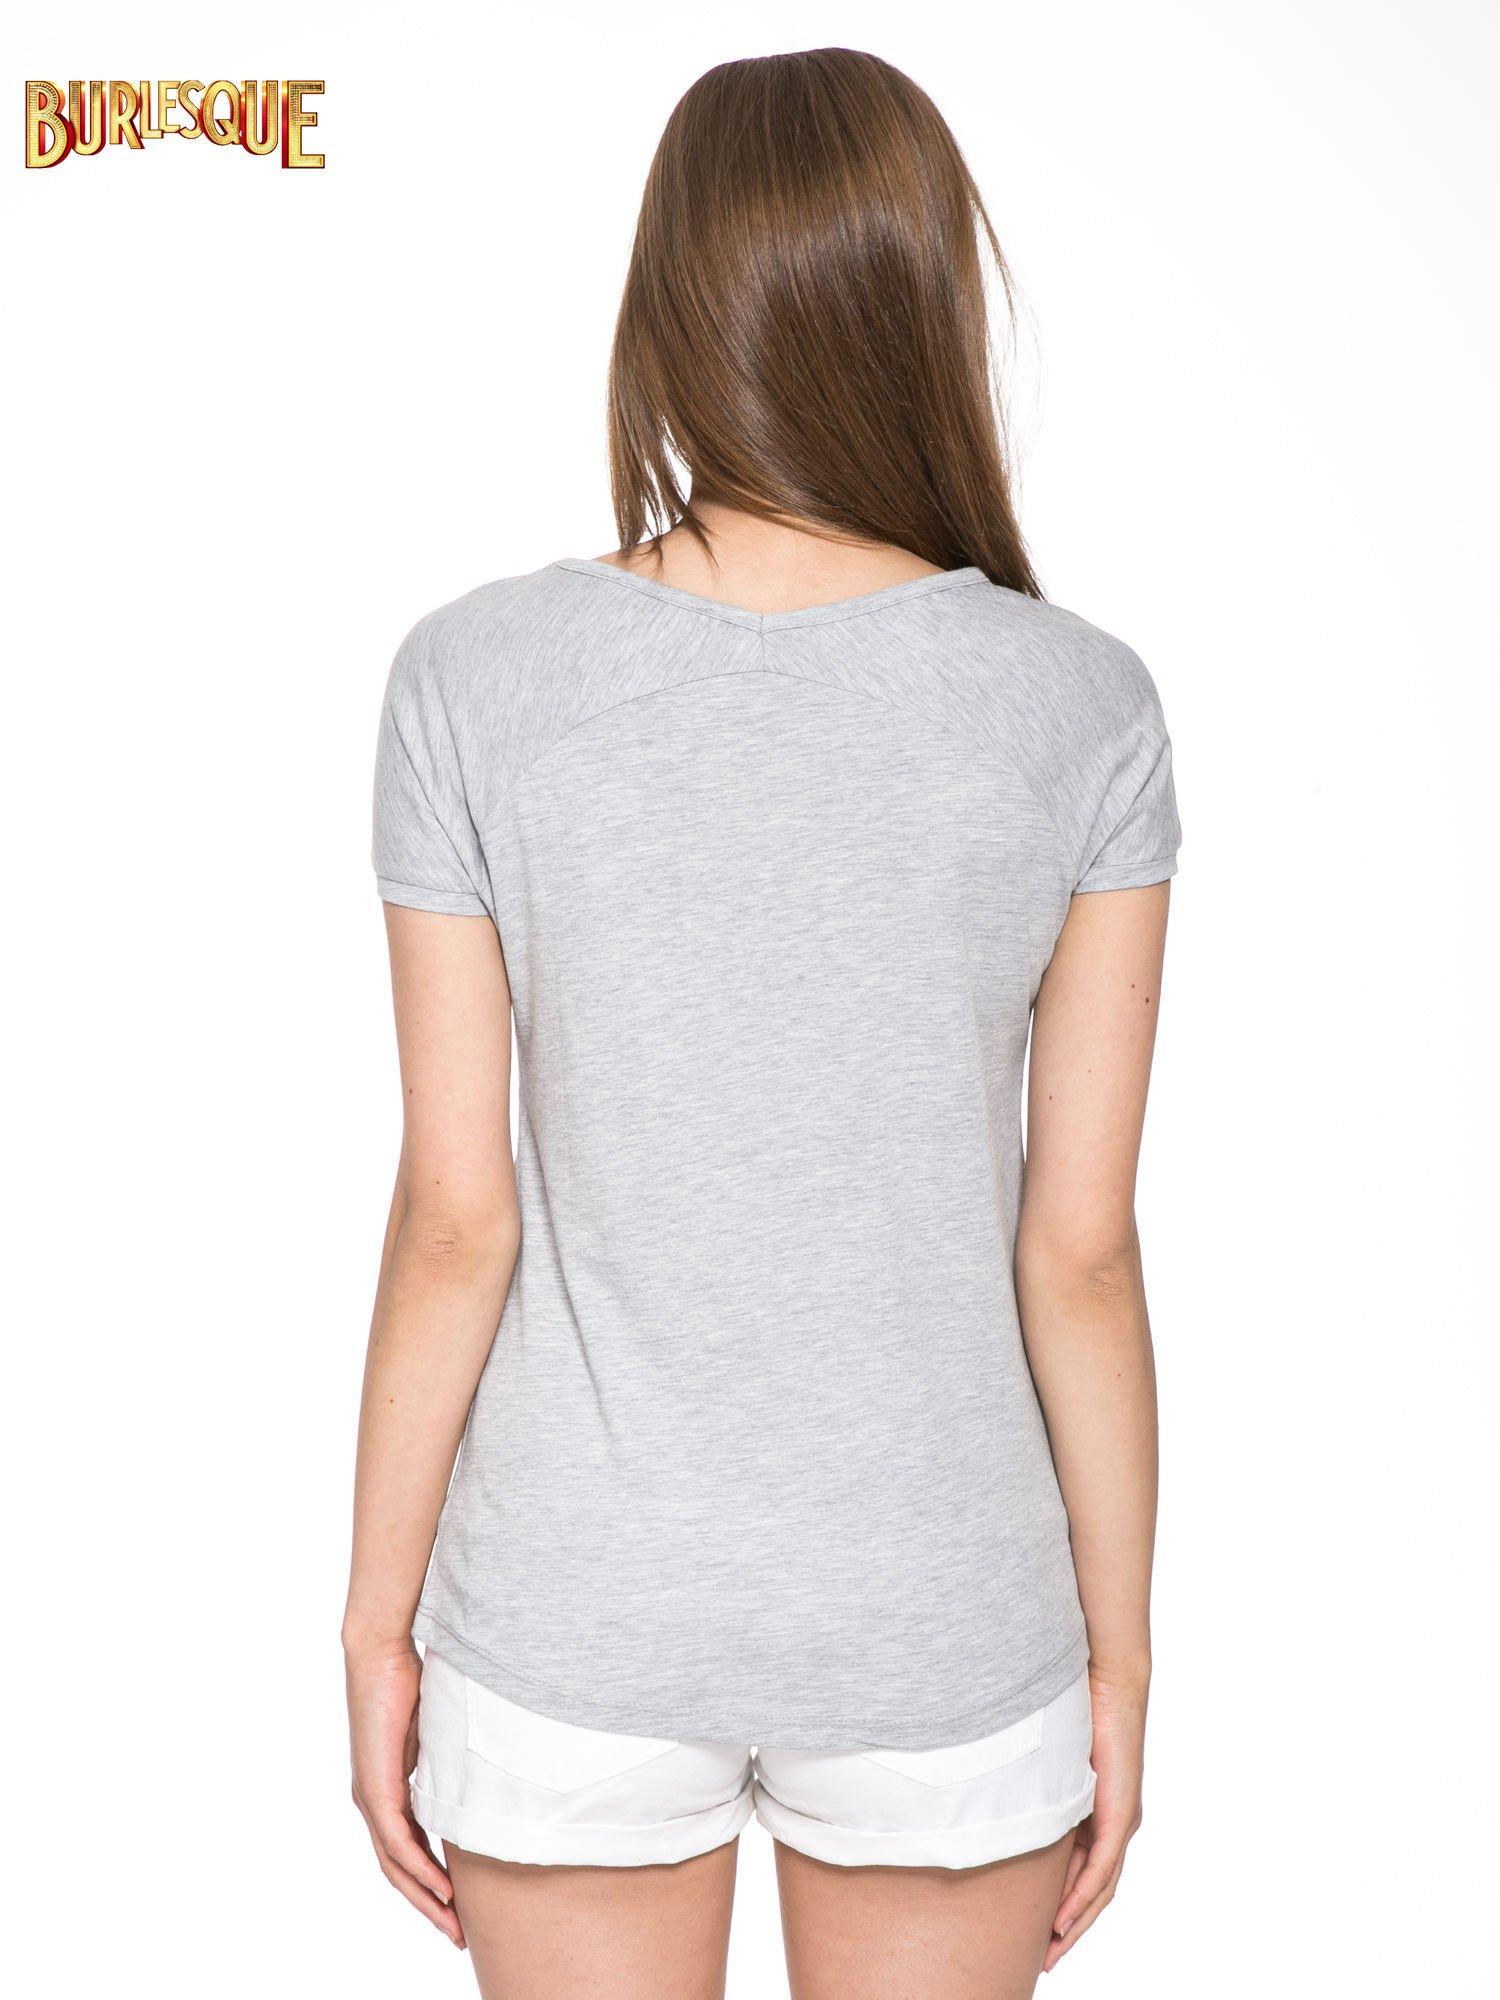 Szary t-shirt z nadrukiem kwiatowym PRETTY GIRL                                  zdj.                                  4